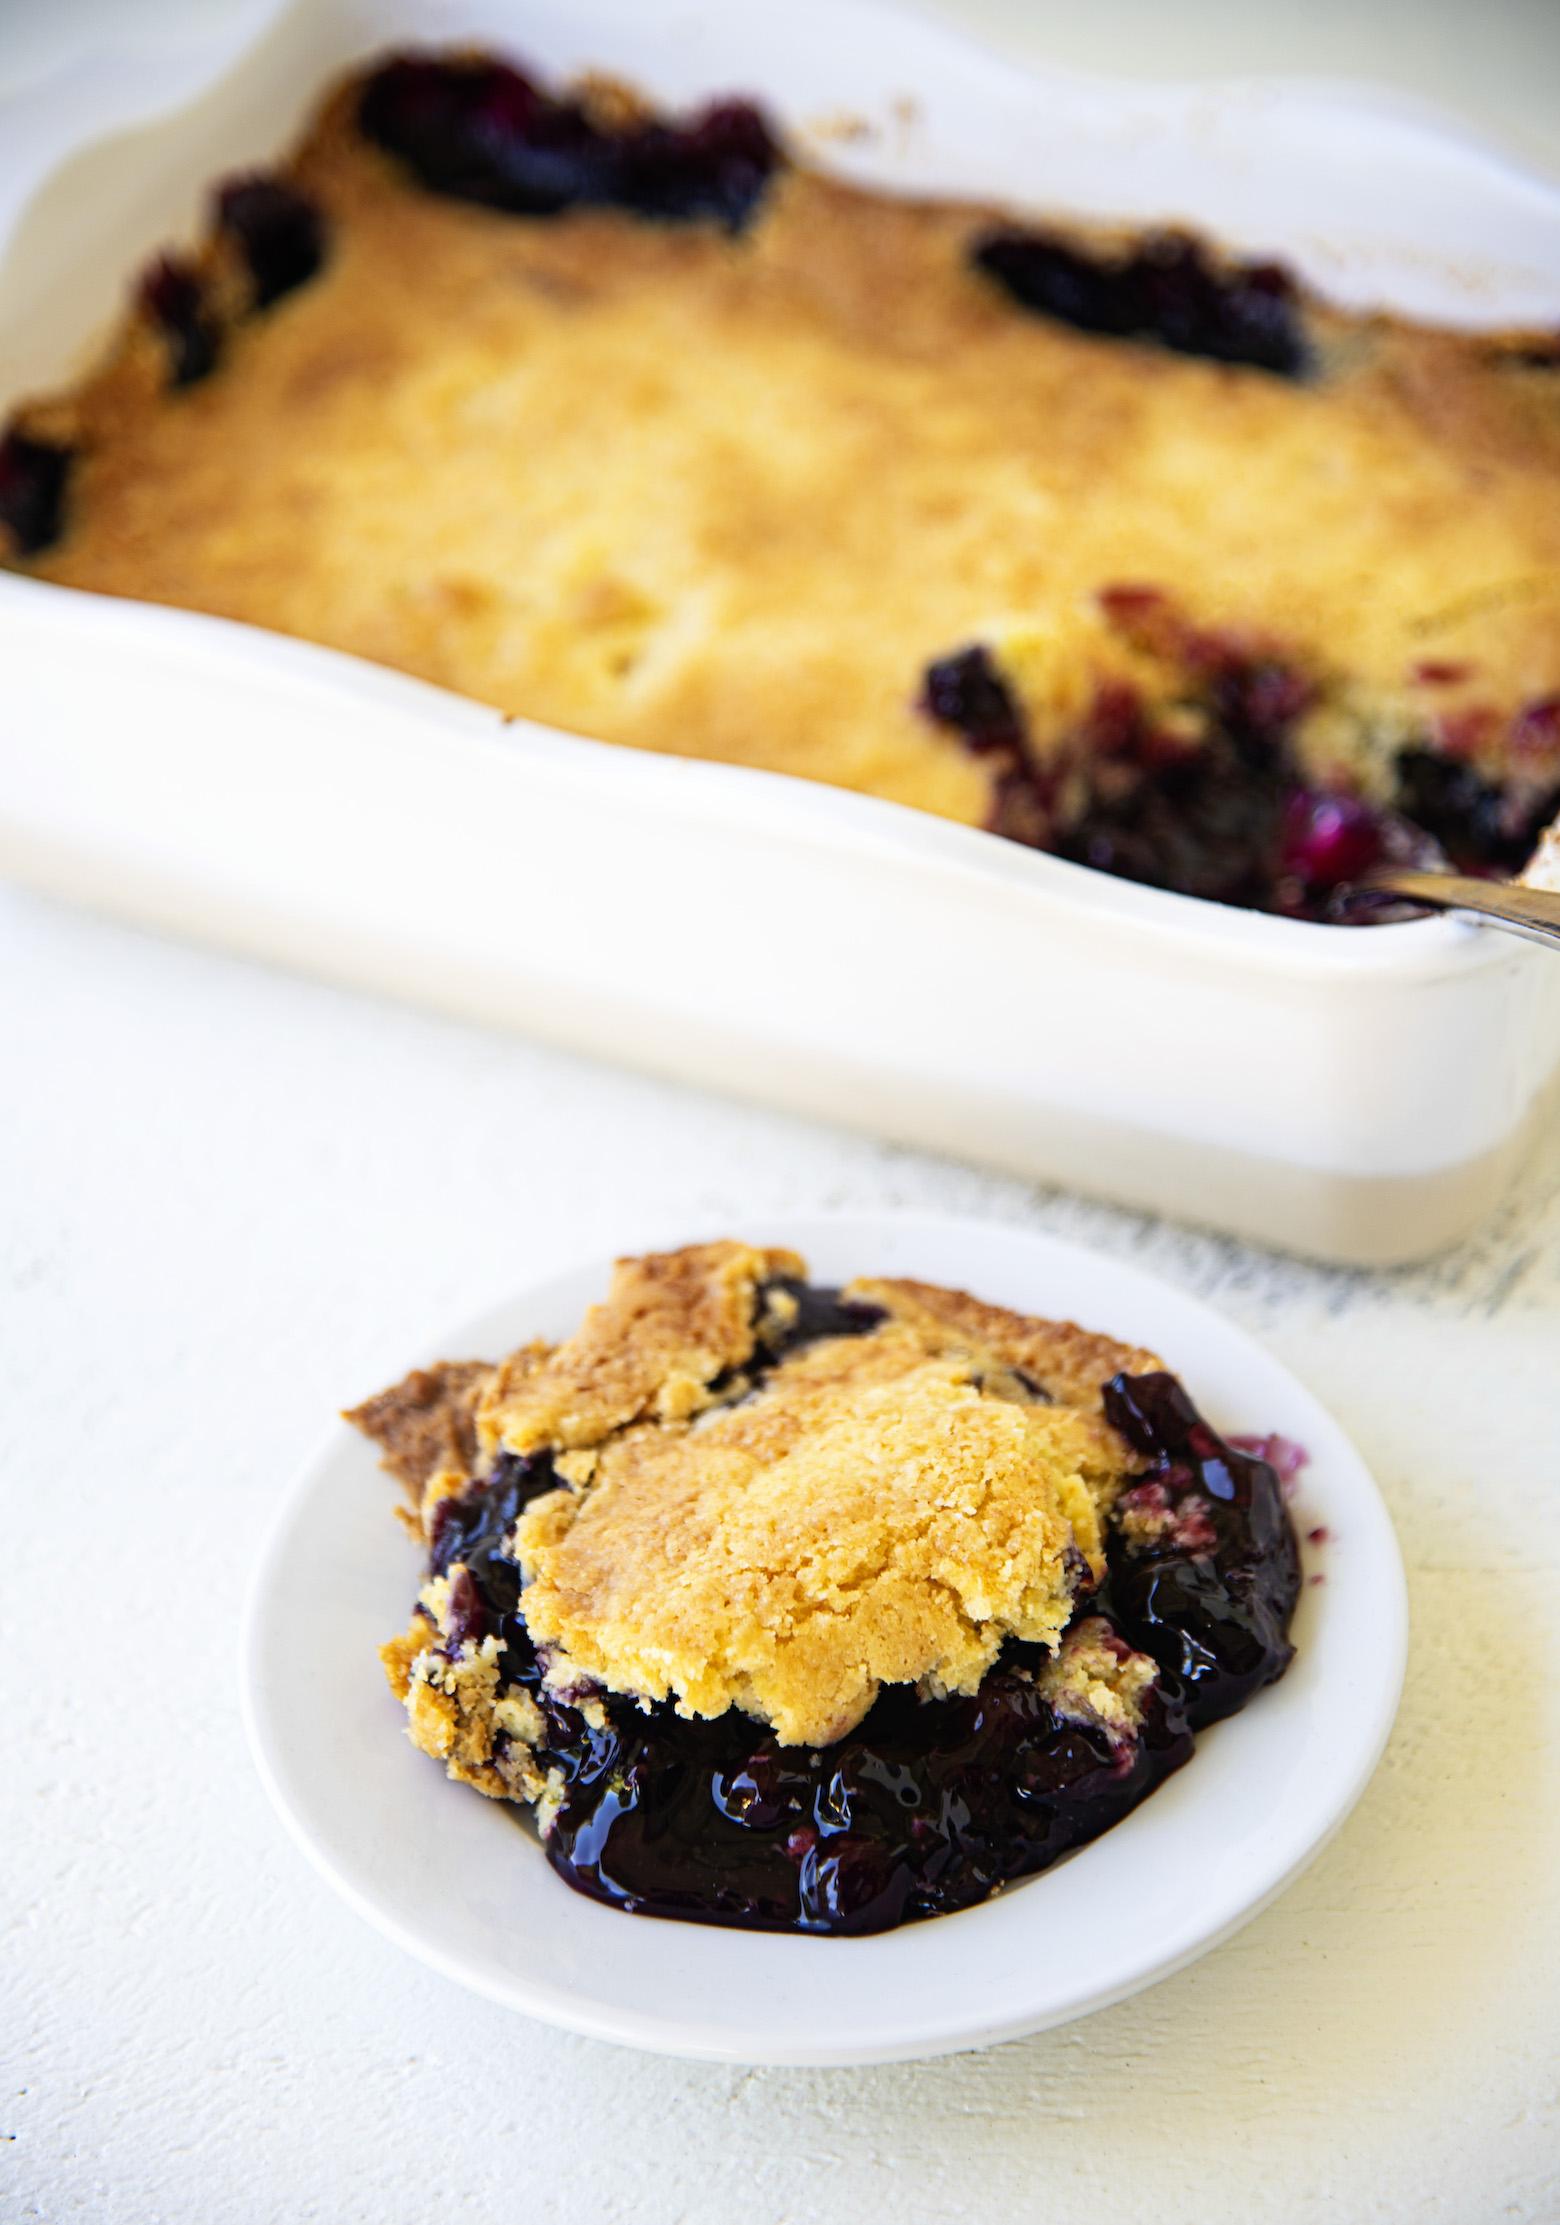 Blueberry Lemon Dump Cake